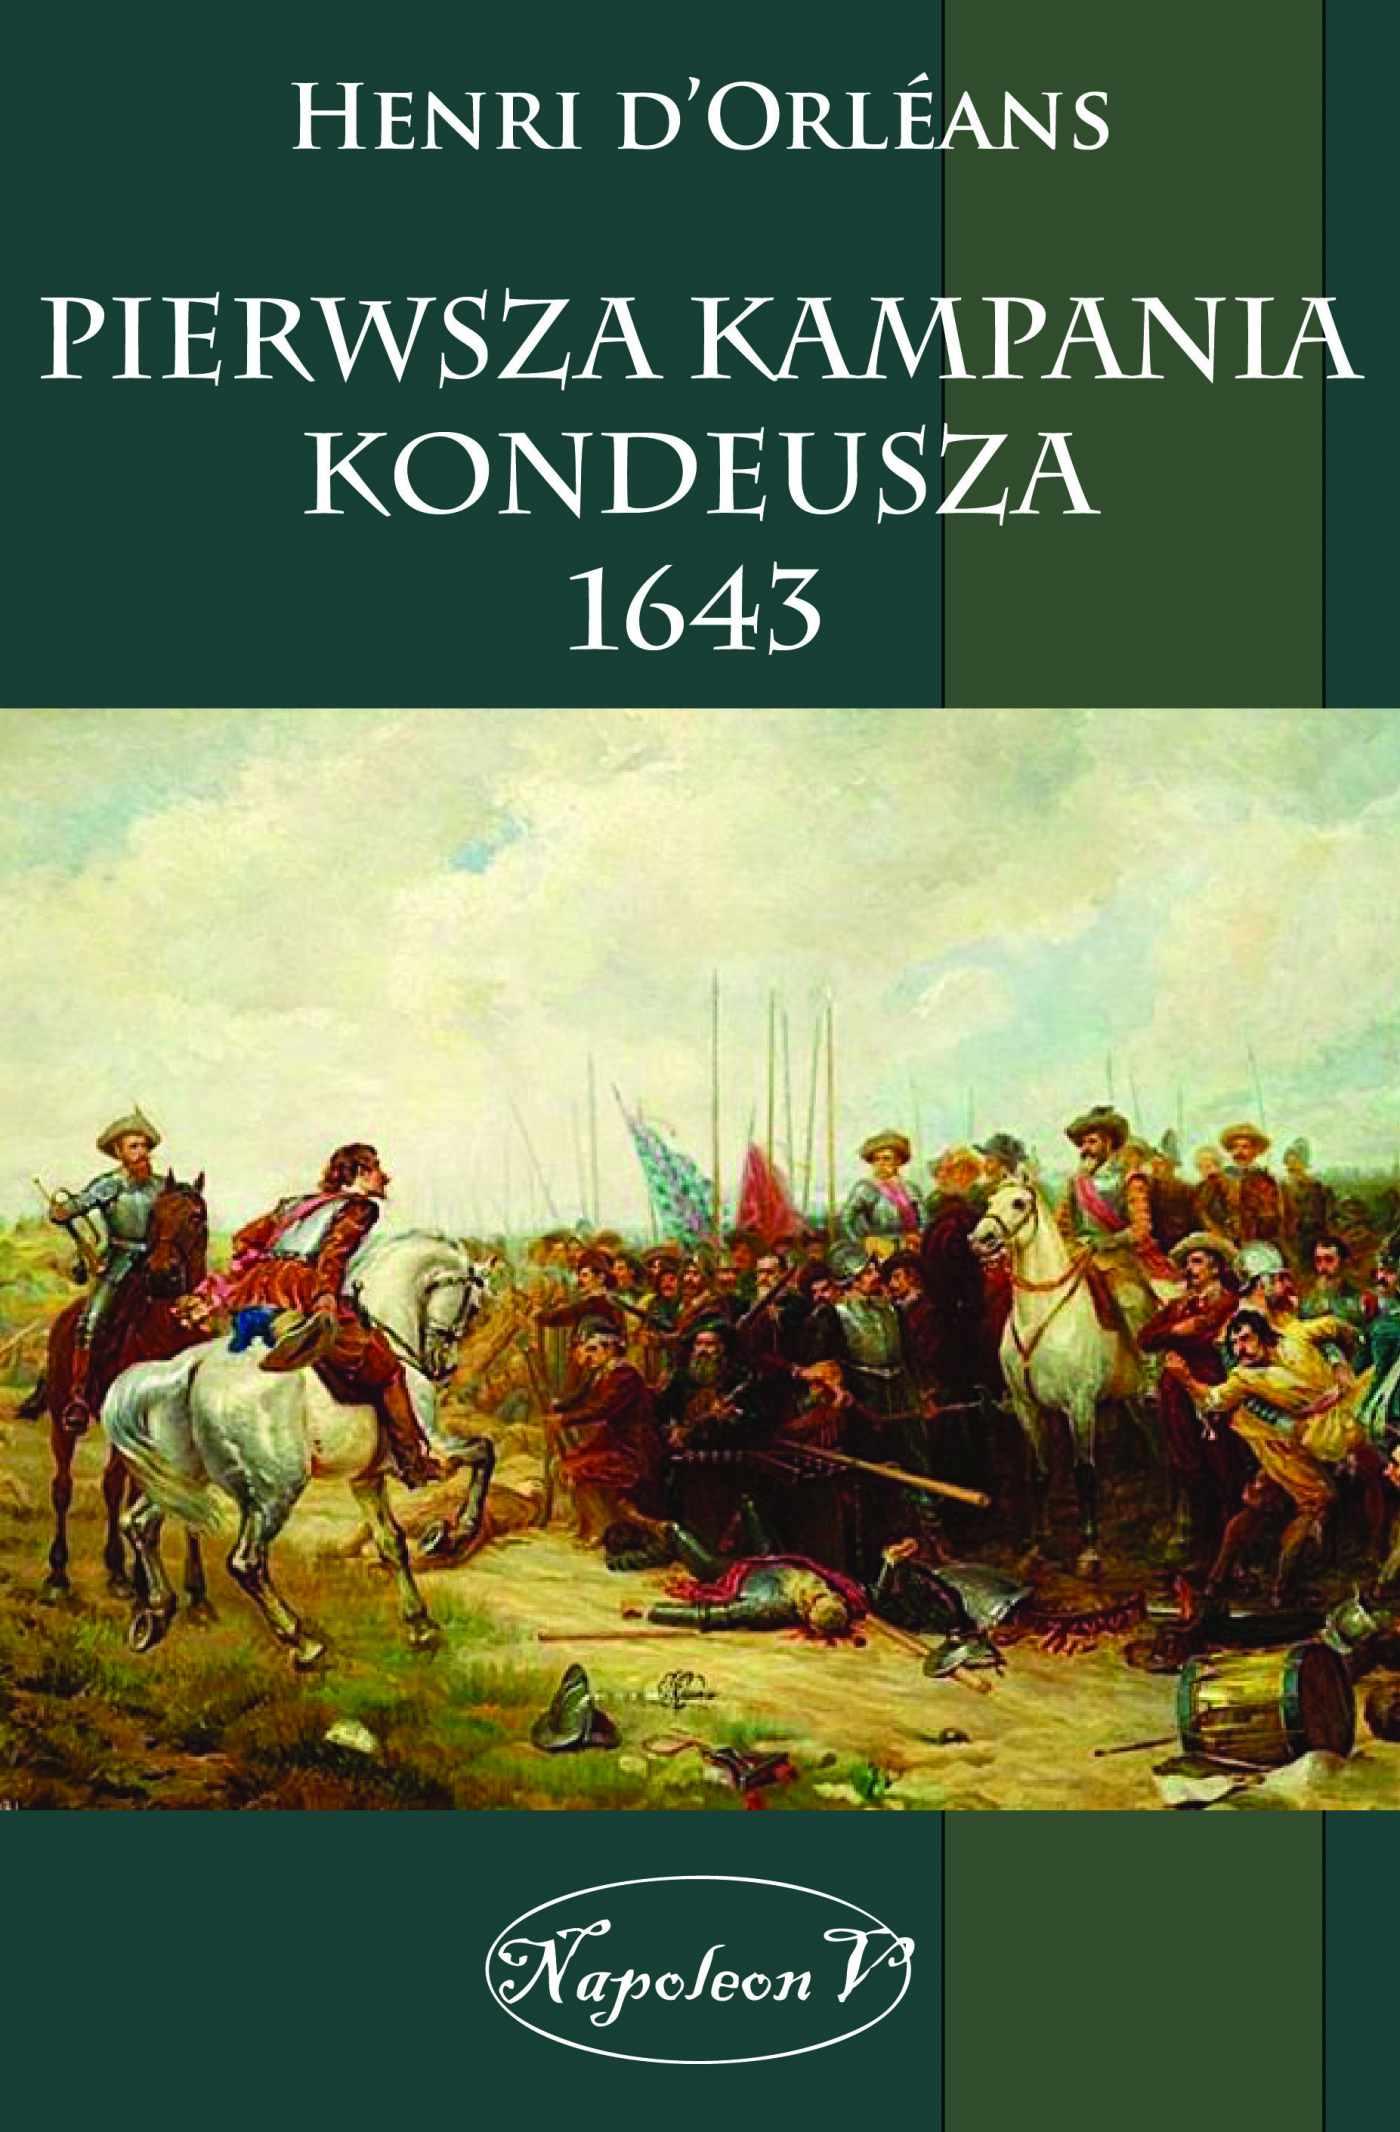 Pierwsza kampania Kondeusza 1643 - Ebook (Książka na Kindle) do pobrania w formacie MOBI